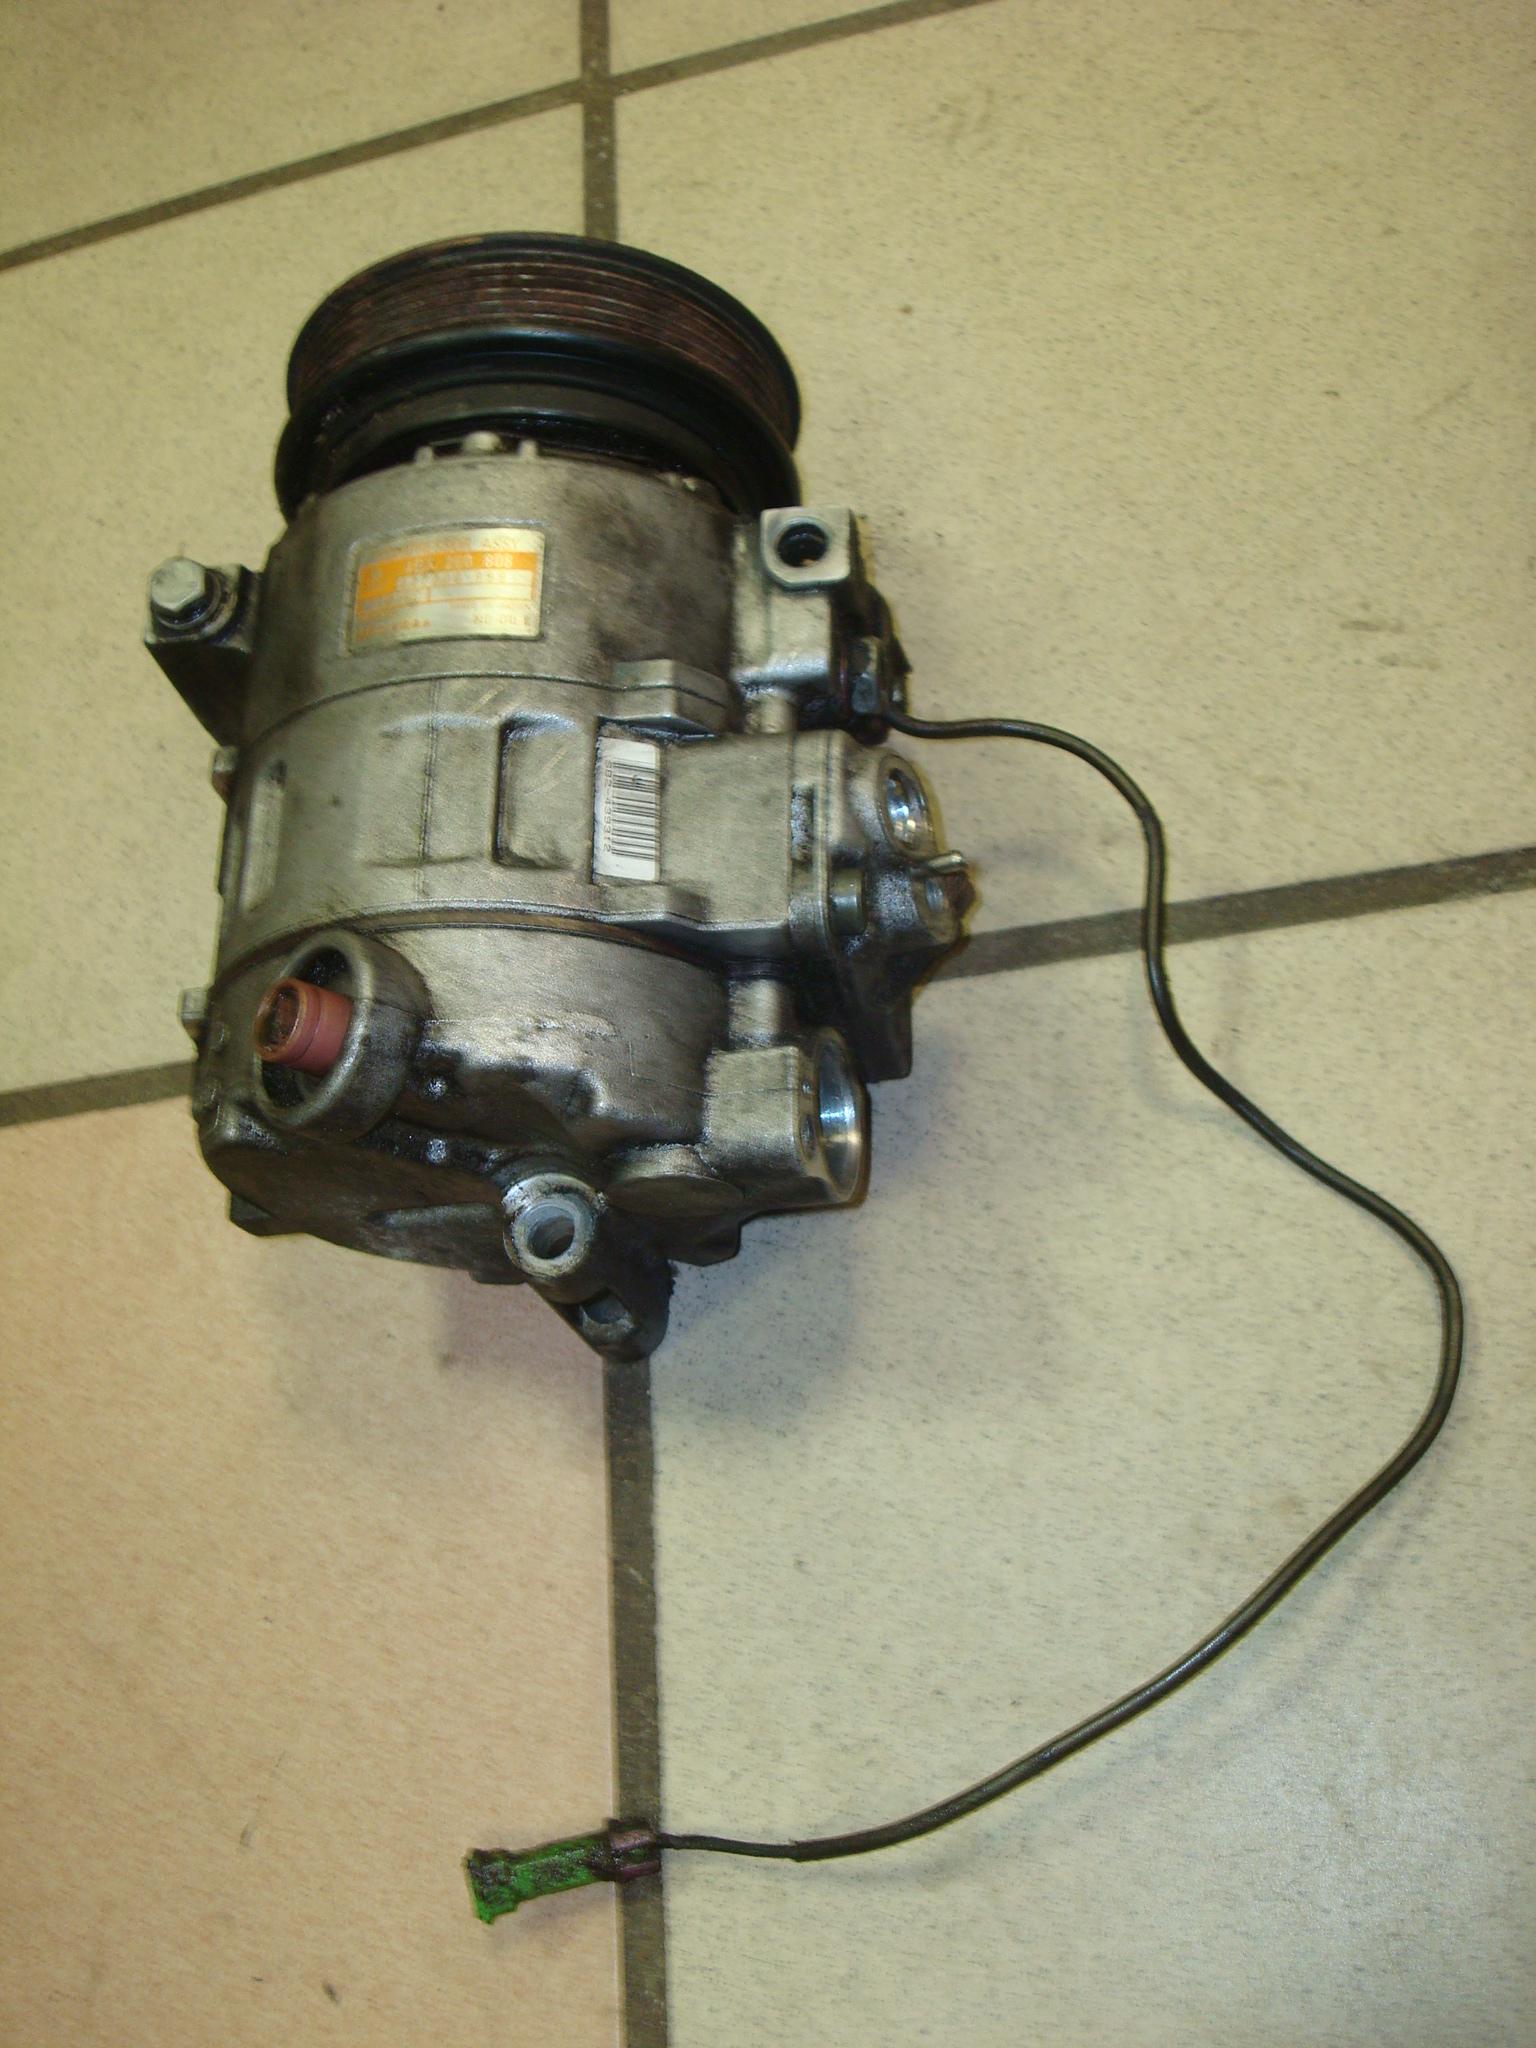 Volkswagen Passat Audi A6 A4 Ac Compressor Assy Denso Kompresor Bmw Seri 3 E46 Article Hfc134a 4b3260808 7sb16c 447200 999 4b3 260 808